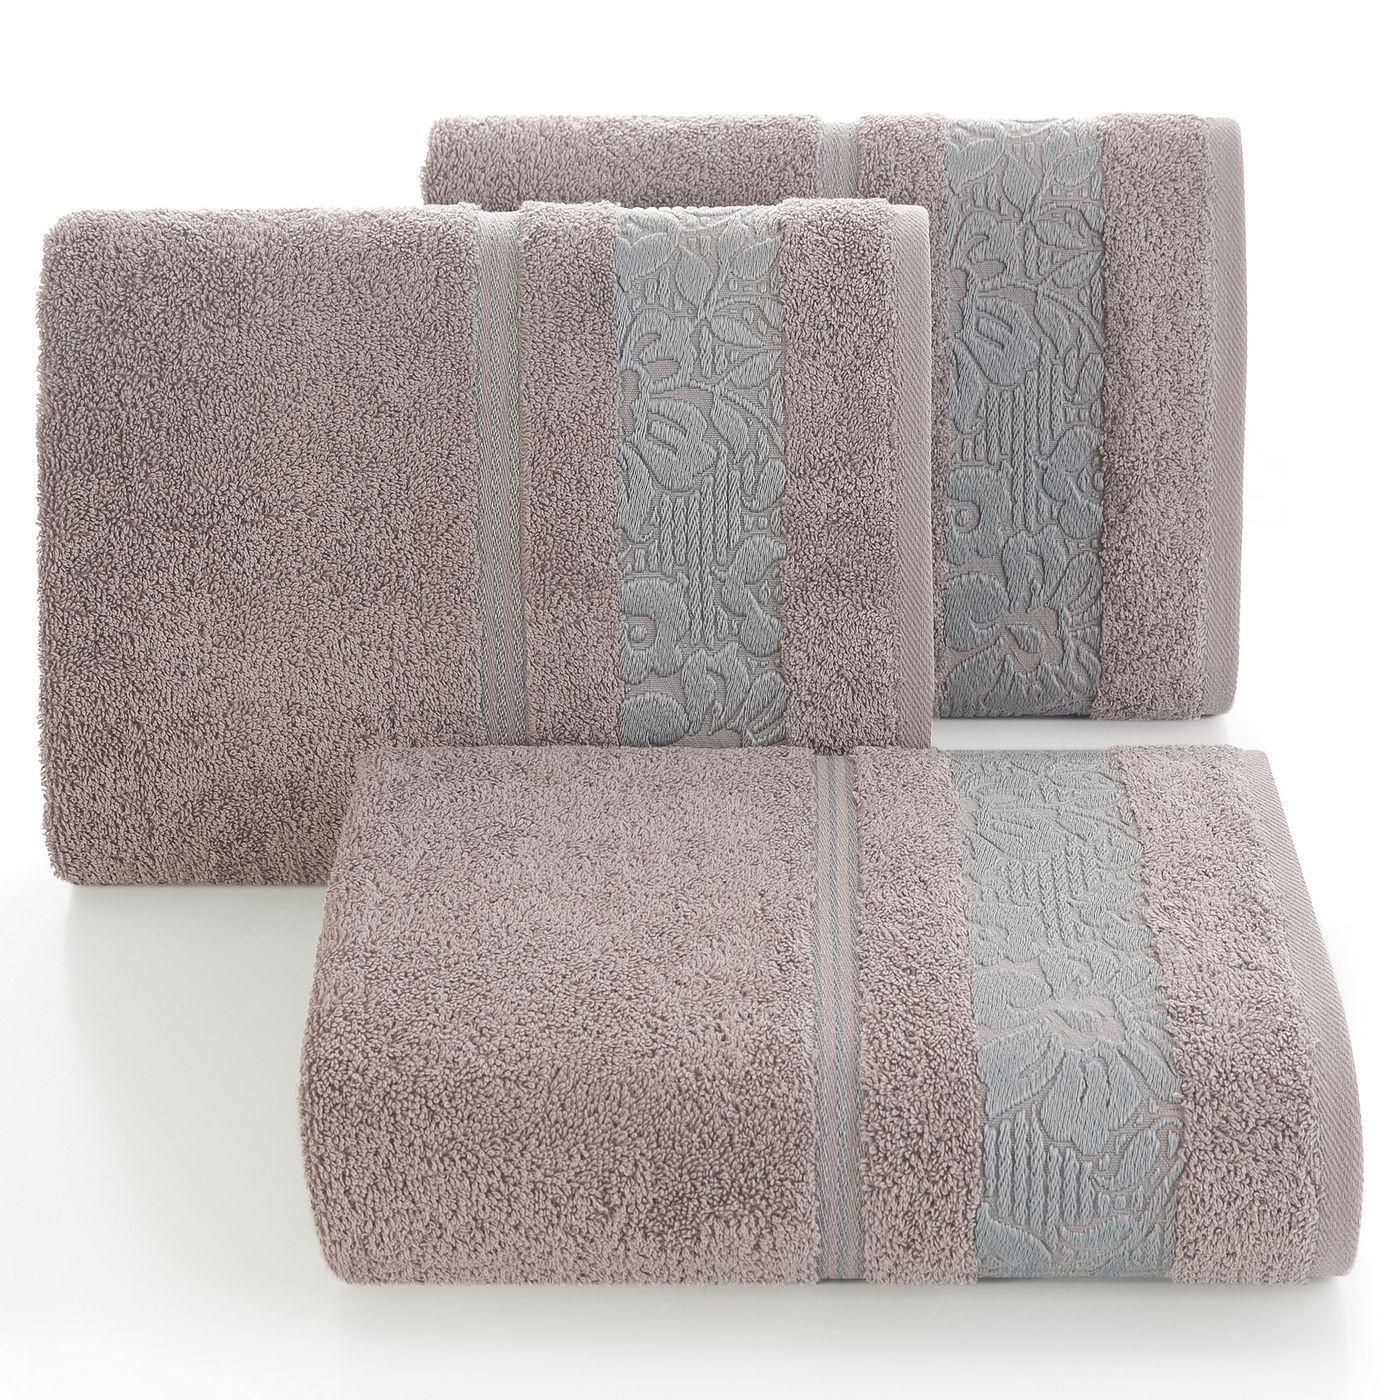 Ręcznik z bawełny z kwiatowym wzorem na bordiurze 50x90cm wrzosowy